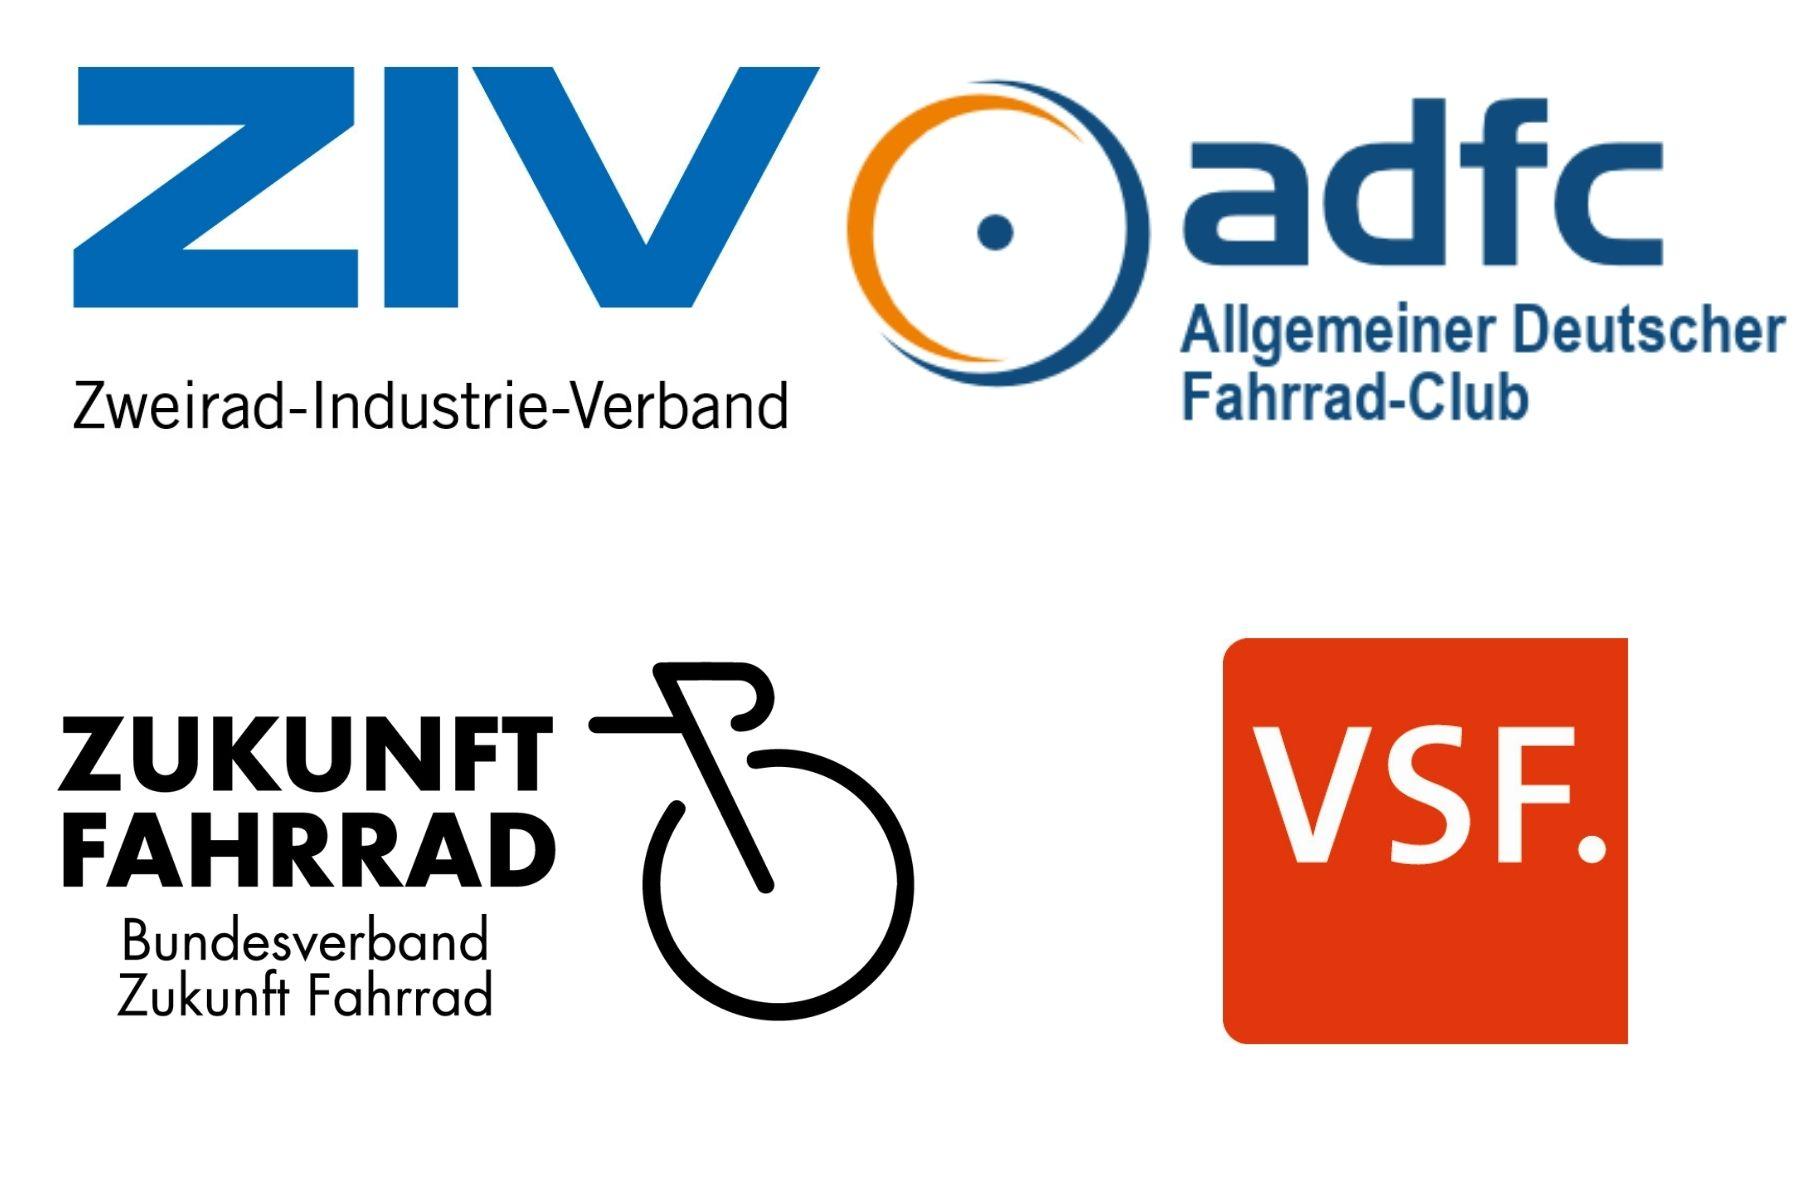 Forderung der Verbände an künftige Bundesregierung: Konsequente Umsetzung der Verkehrswende, zentrale Rolle für das Fahrrad!